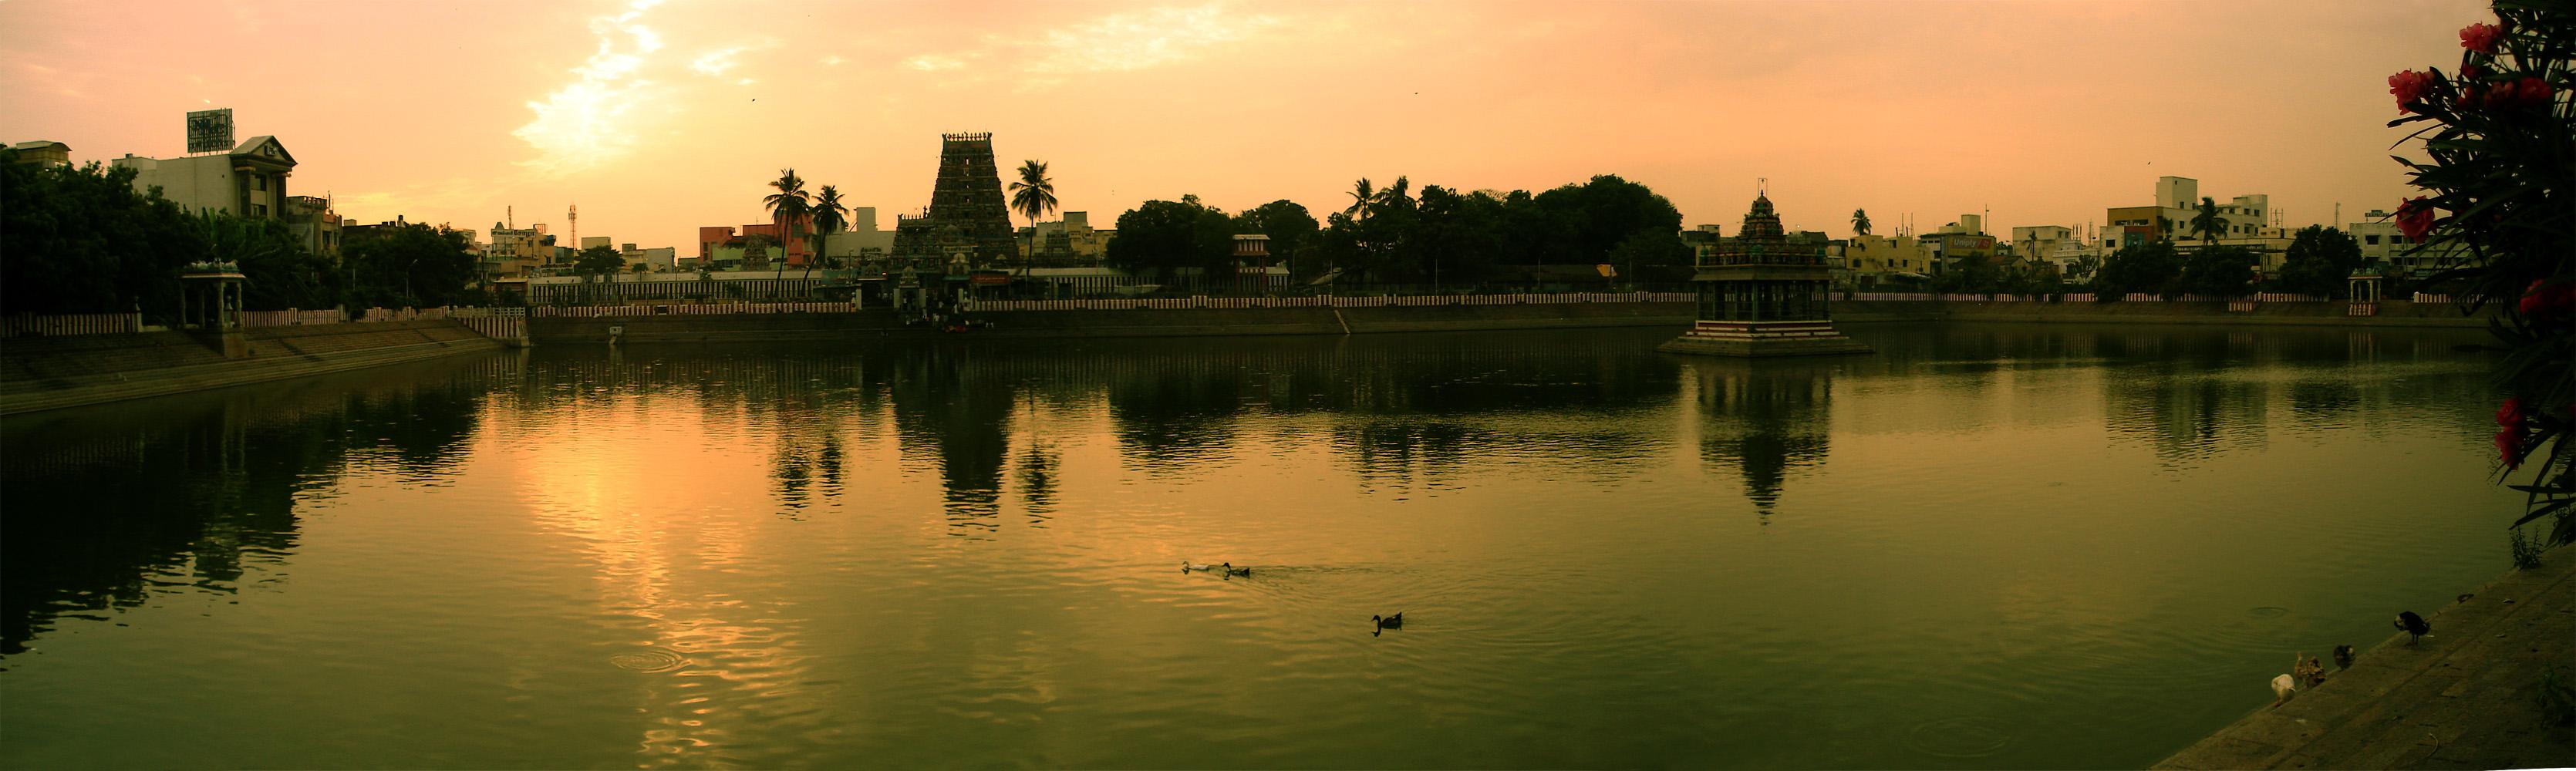 மயிலாப்பூர் கபாலீஸ்வரர் கோயில் திருக்குளம்